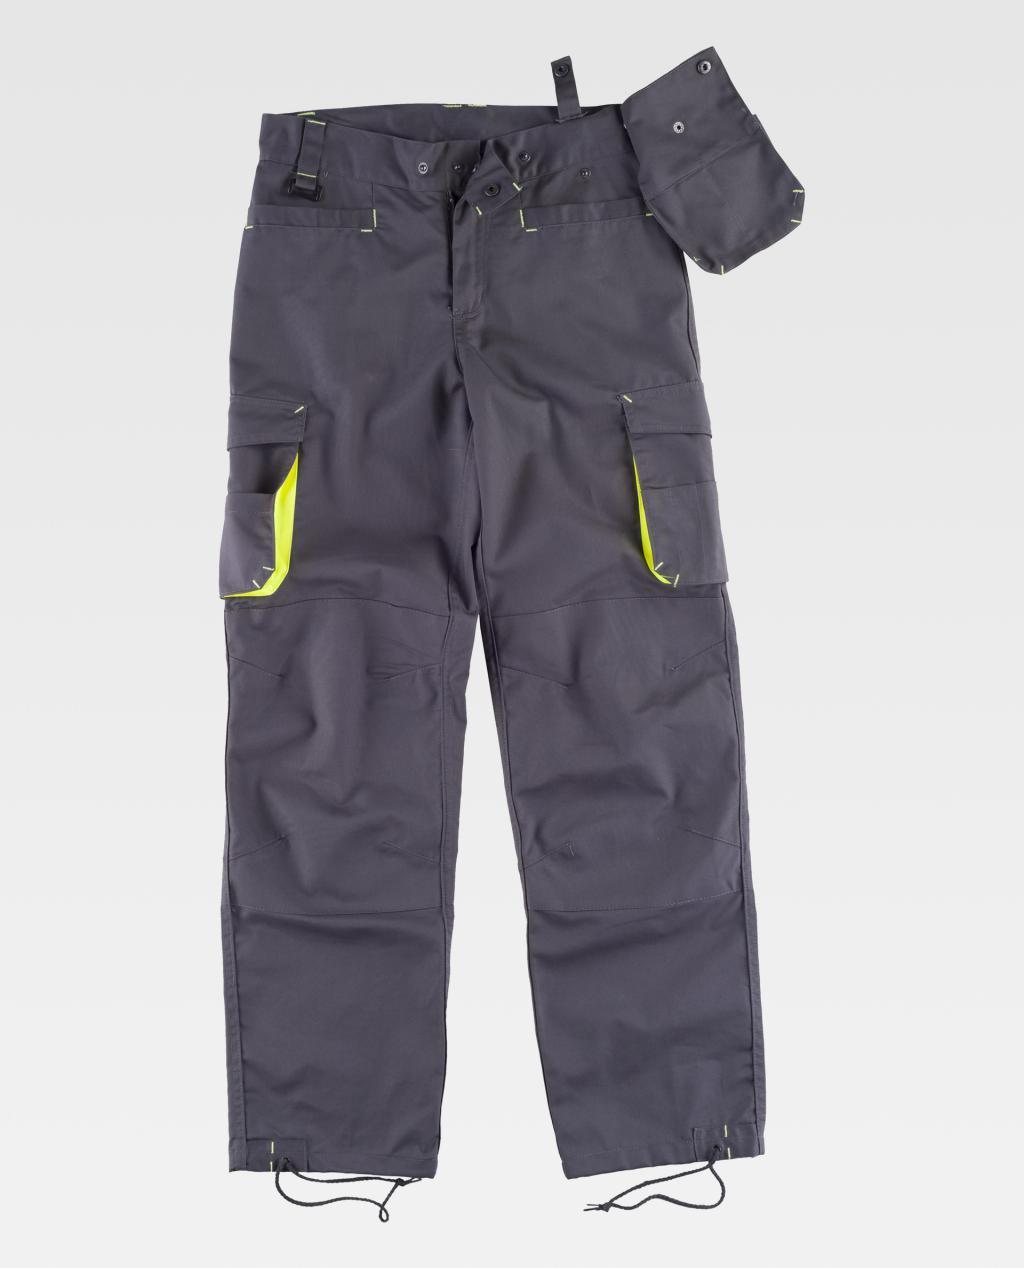 Workteam Wf1619 Pantalon Future